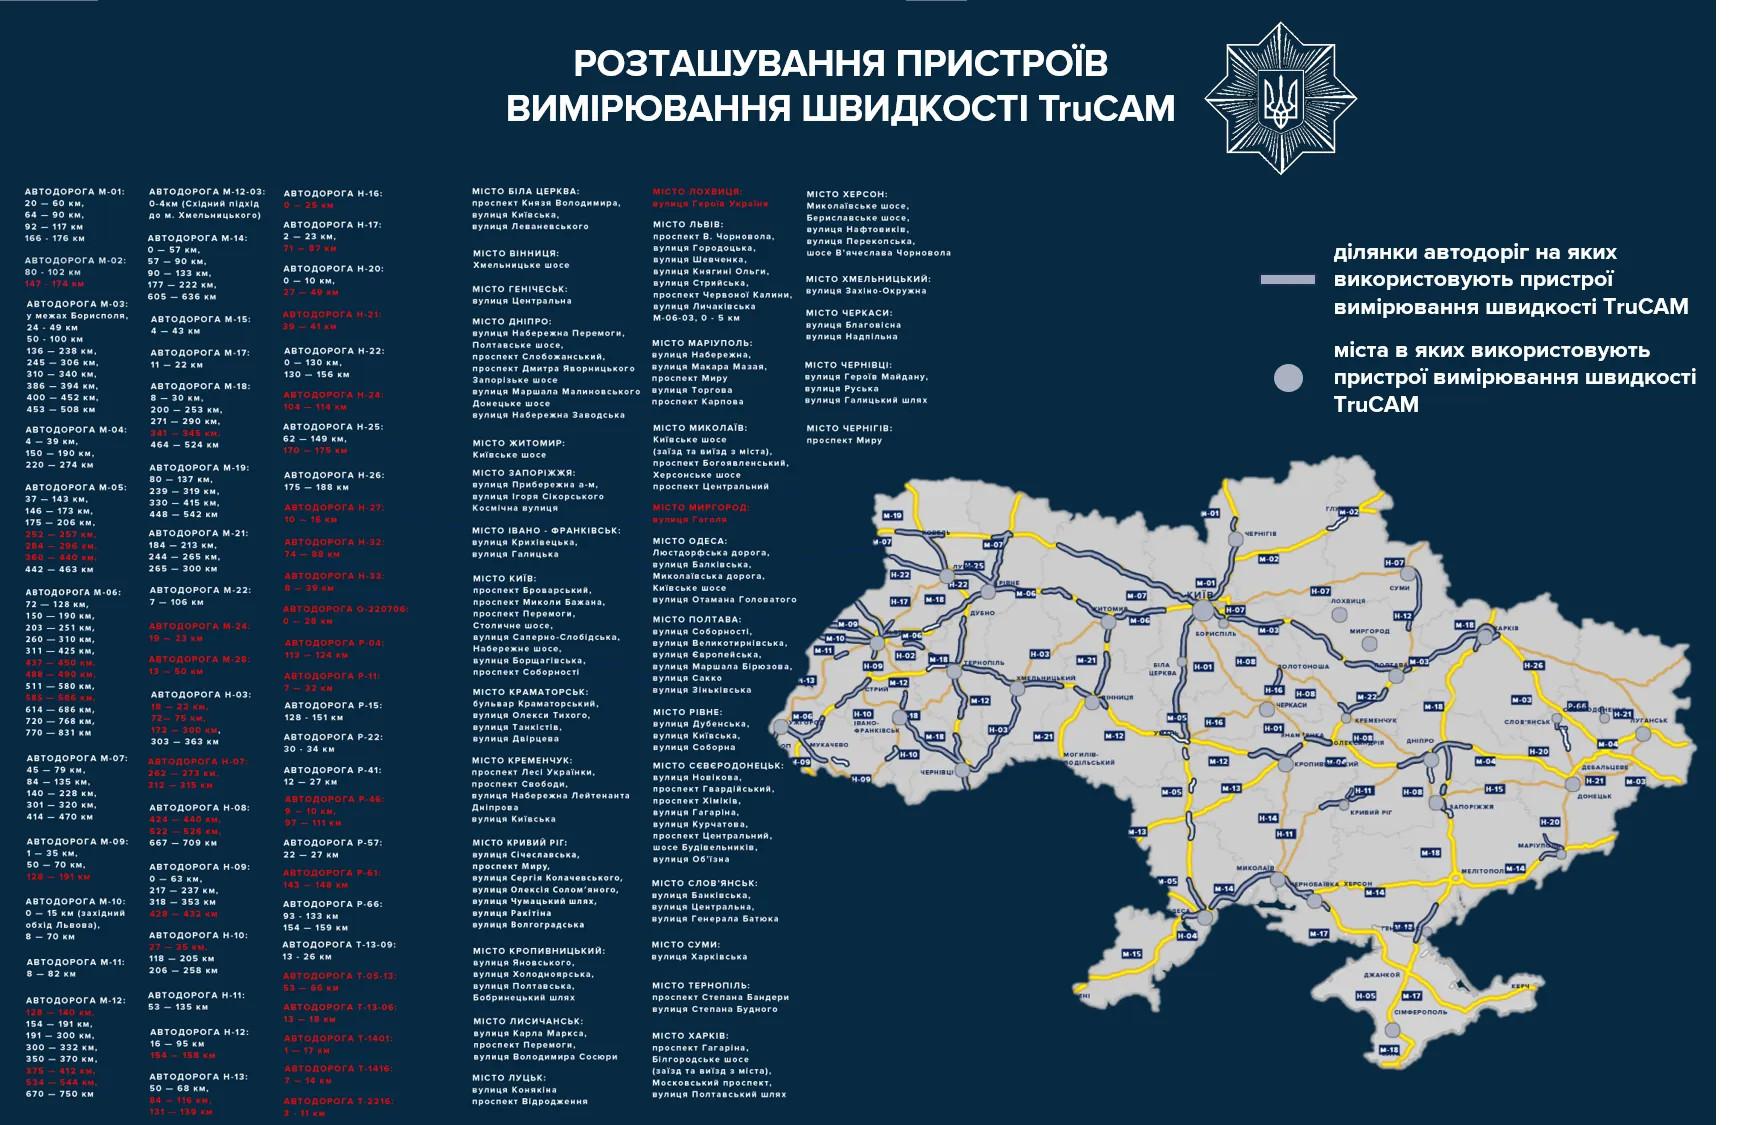 Карта размещения приборов измерения скорости TruCAM на дорогах Украины